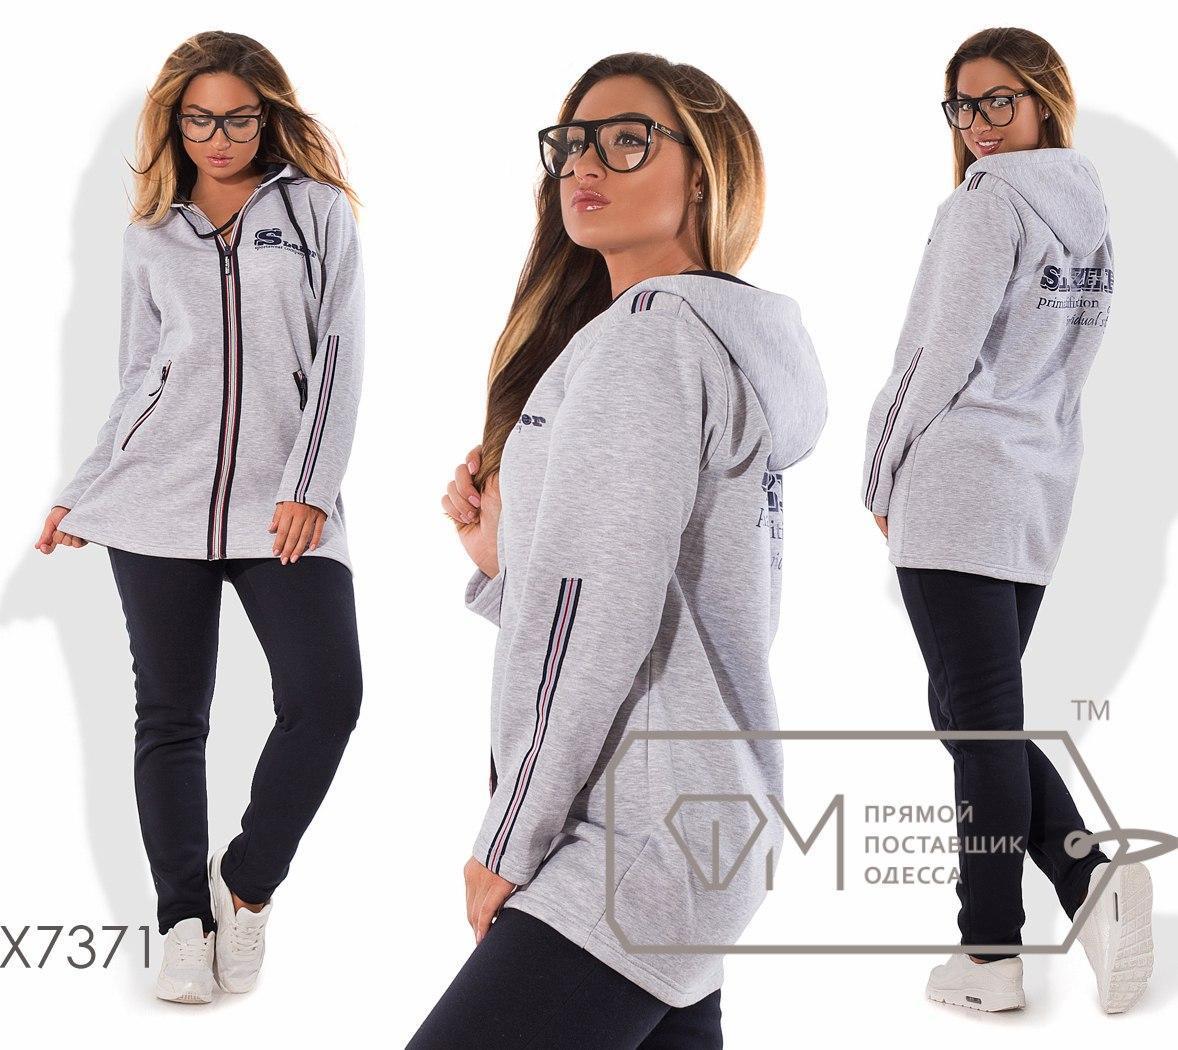 """Спорткостюм из трёхнитки с начёсом - удлинённая прямая куртка на молнии с капюшоном и косыми карманами плюс прямые штаны X7371 - Интернет-магазин """"Мода-Позитив"""" в Одессе"""